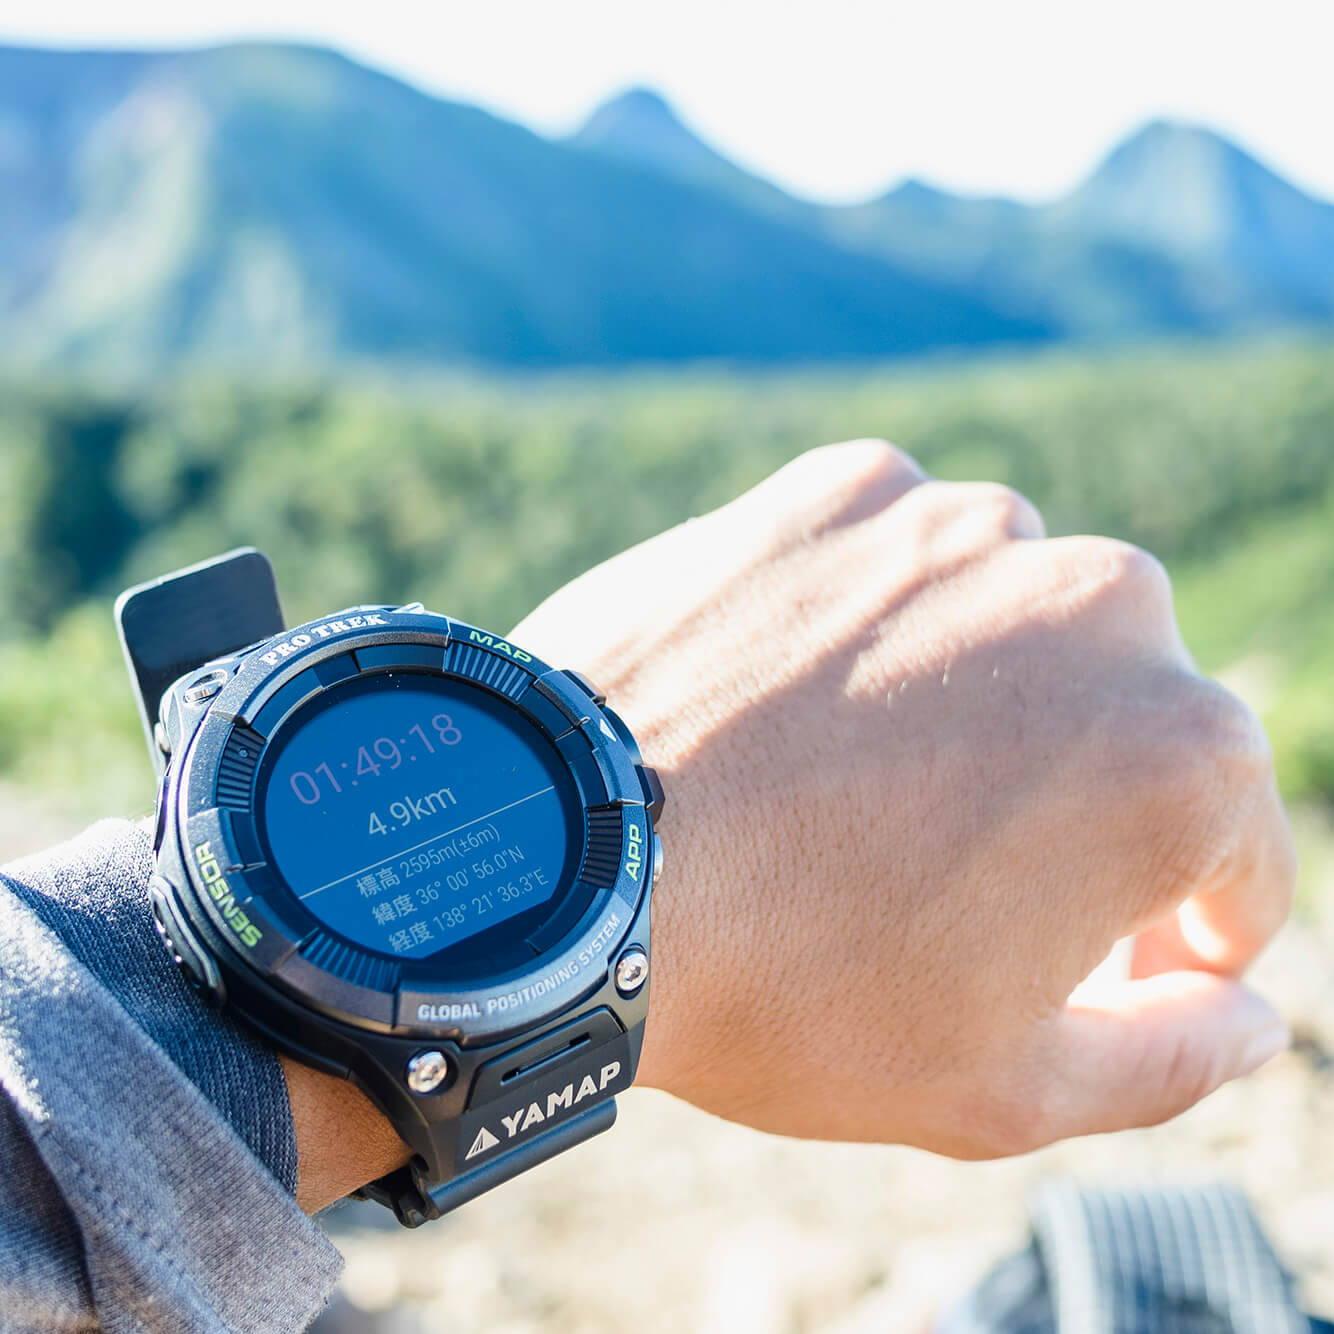 YAMAPを「装着」できるスマートウォッチ『PRO TREK Smart』